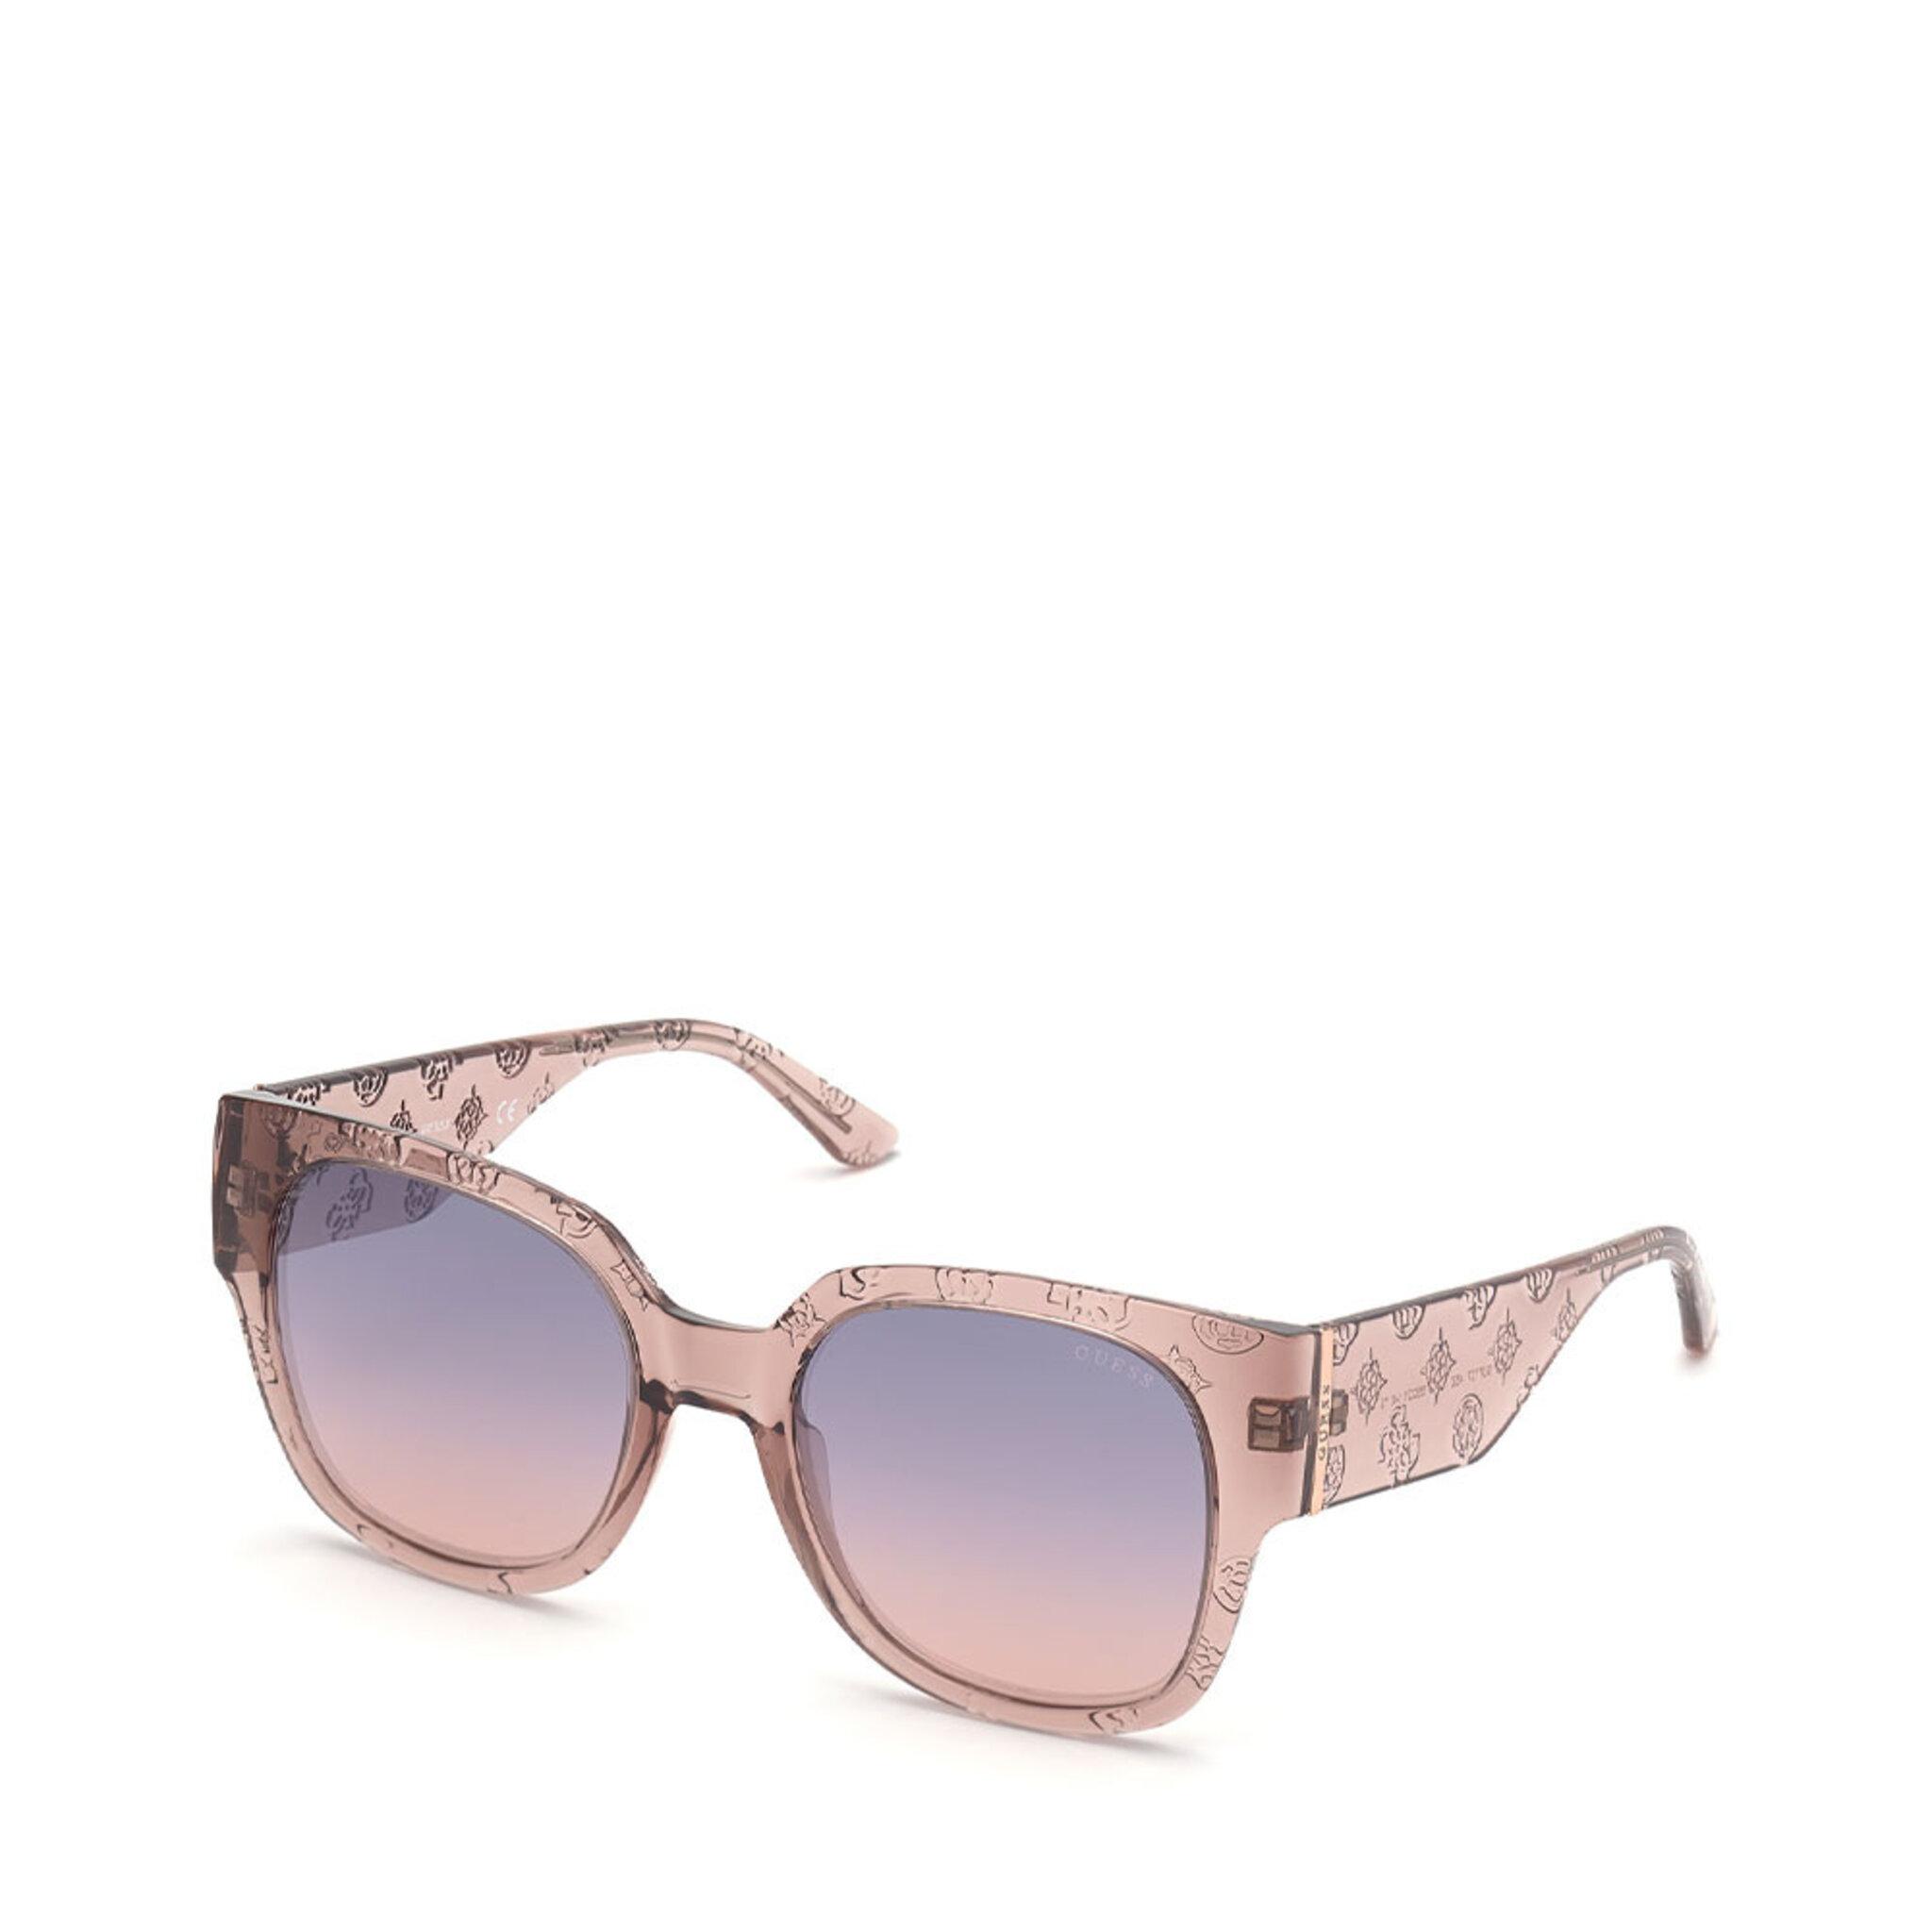 Sunglasses GU7727